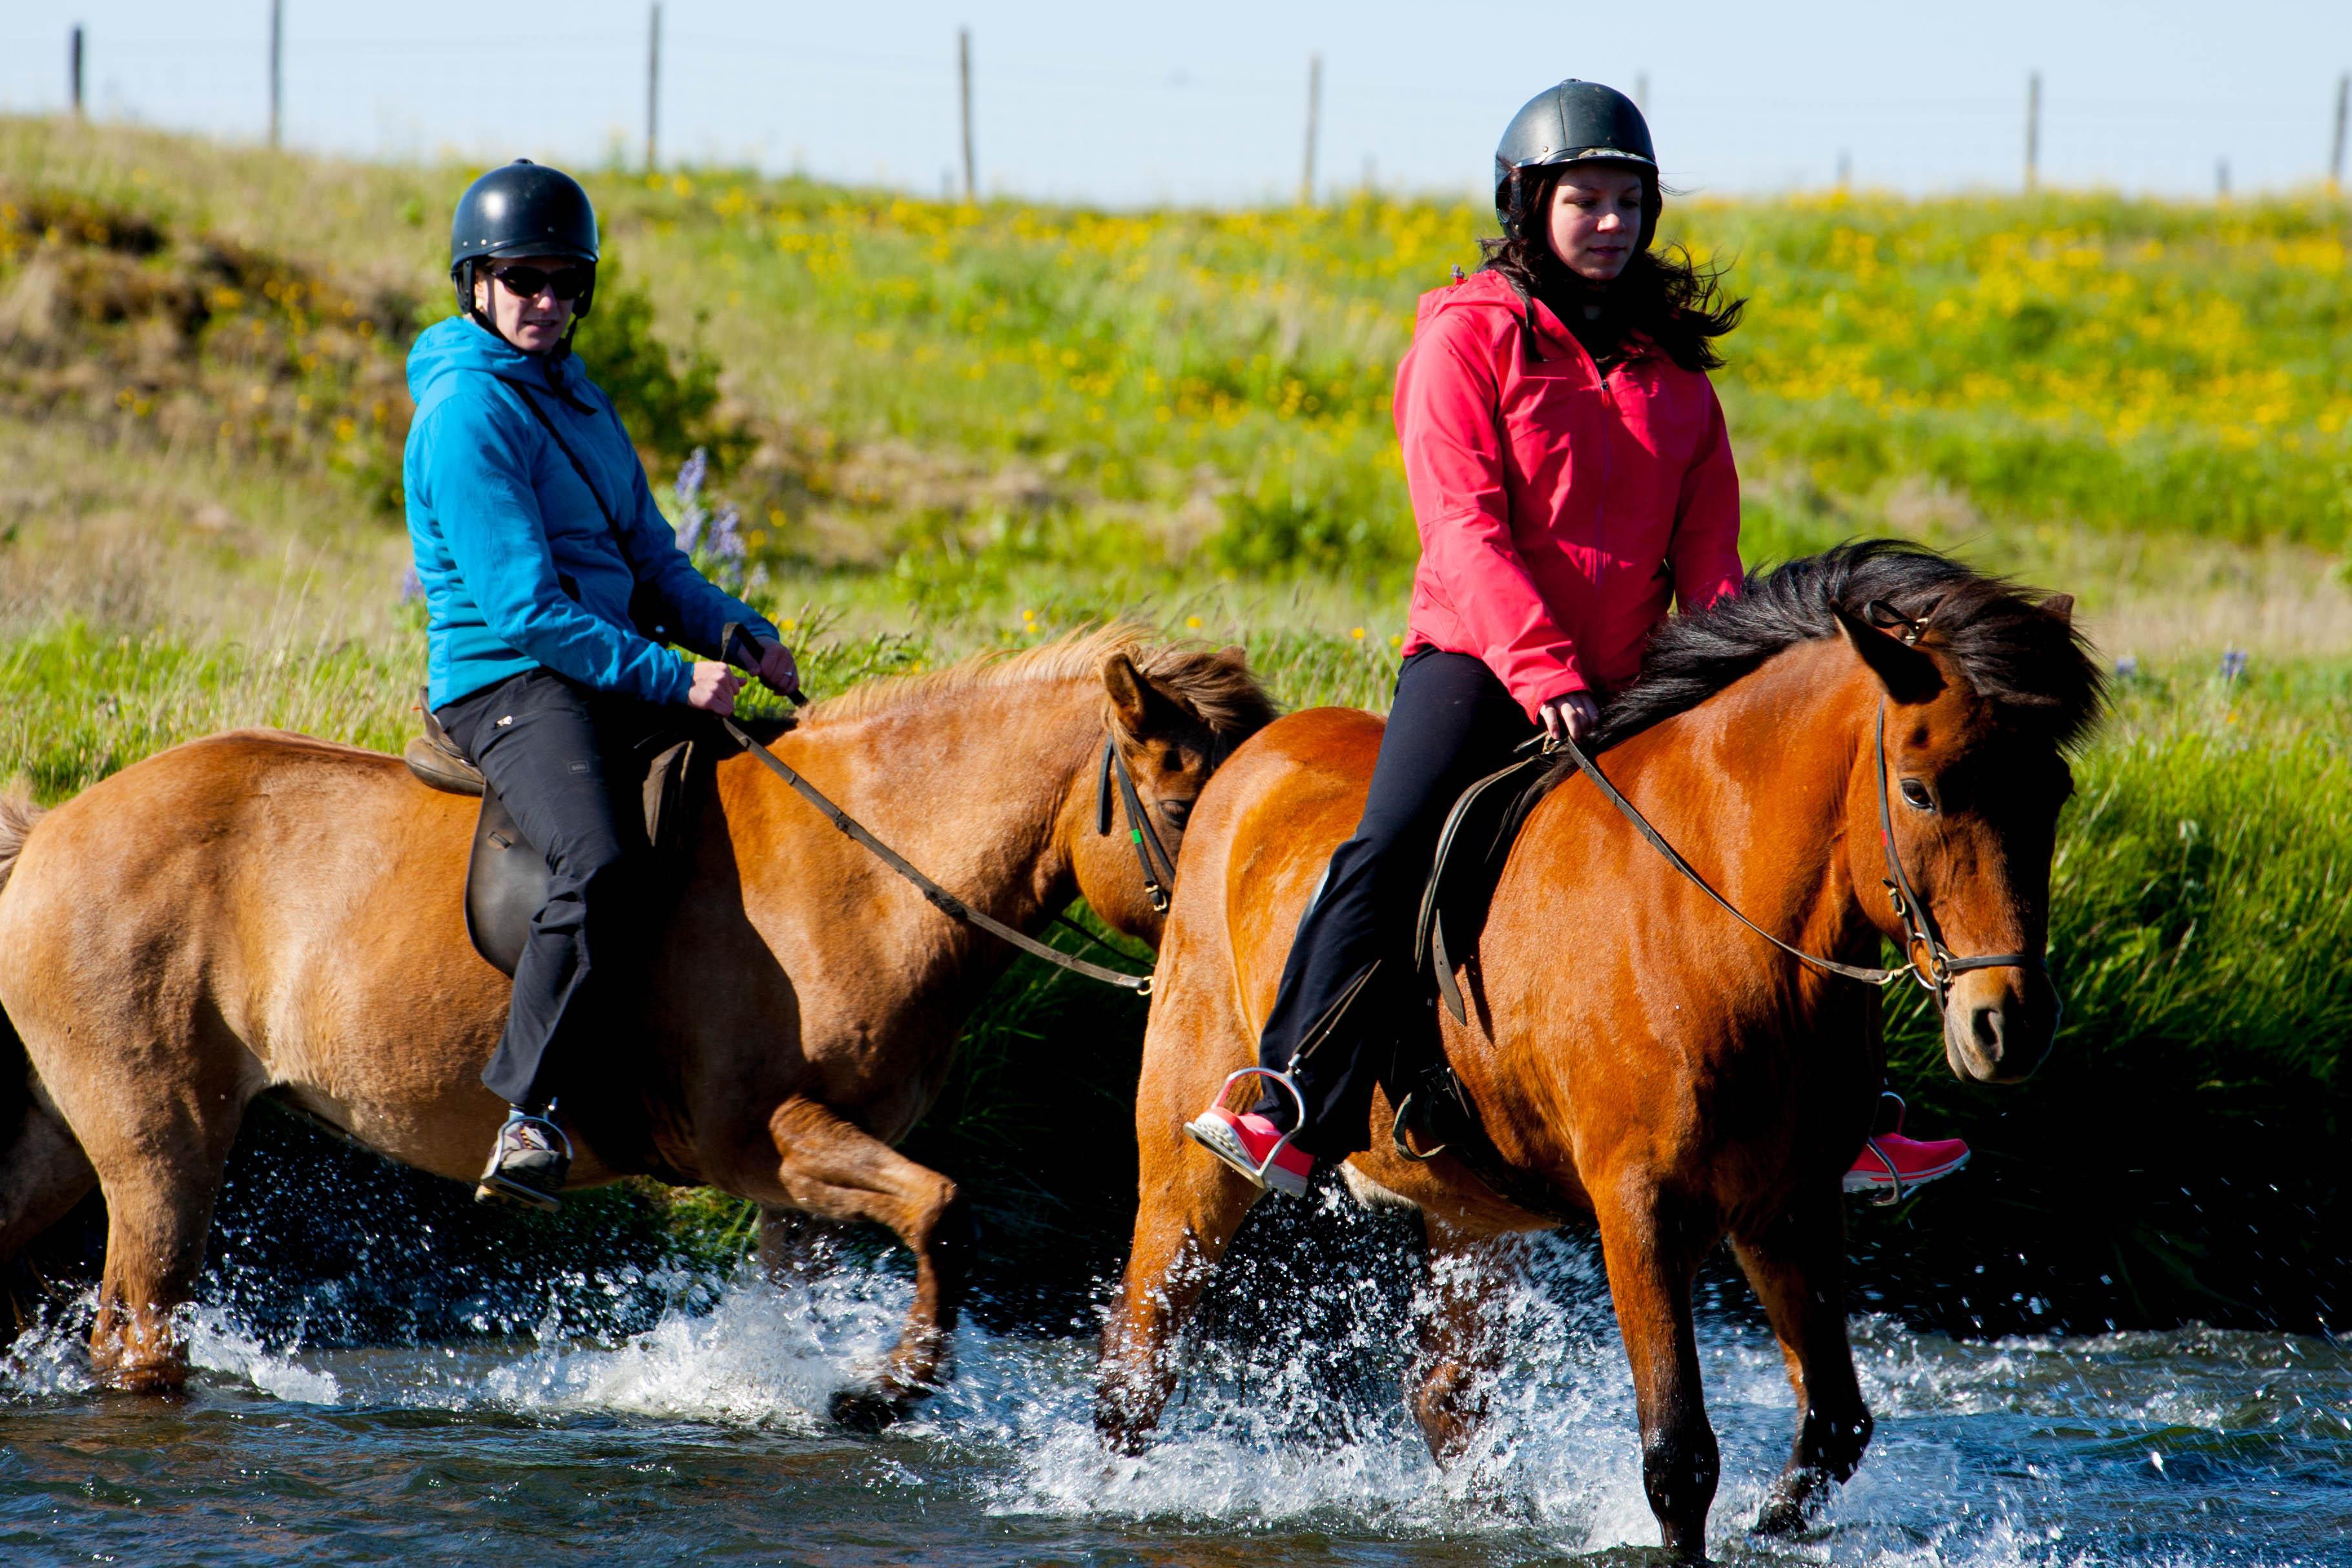 冰岛马温顺友好,除了和冰岛马合照,来冰岛骑马也是近距离接触它们的最好方式